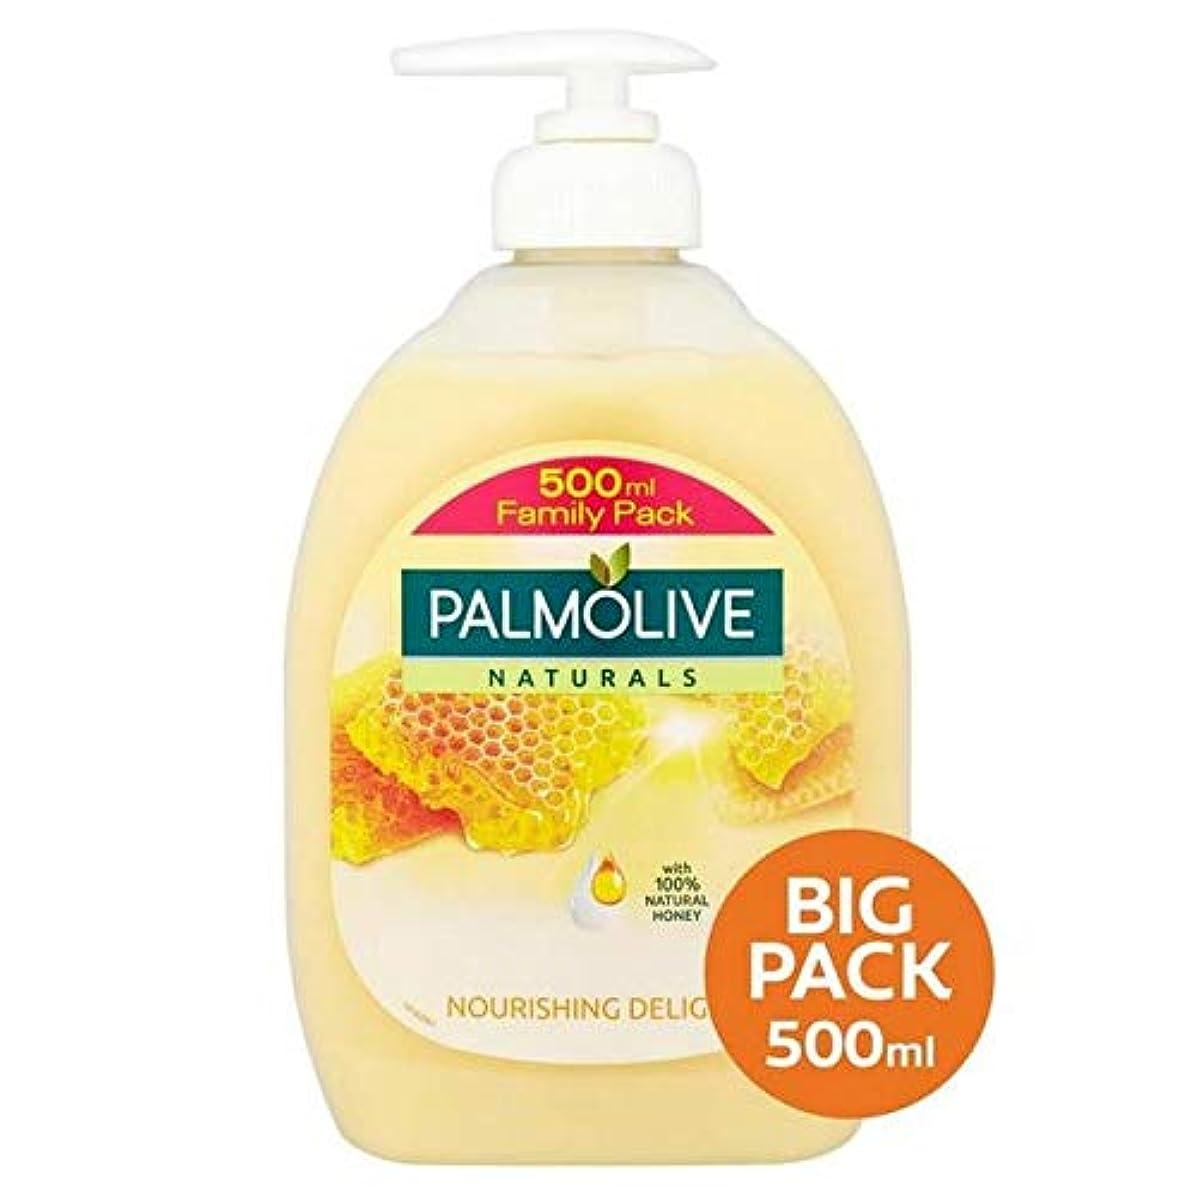 クリエイティブ船員私たち[Palmolive ] パルモライブナチュラルミルク&ハニーの手洗いの500ミリリットル - Palmolive Naturals Milk & Honey Handwash 500ml [並行輸入品]